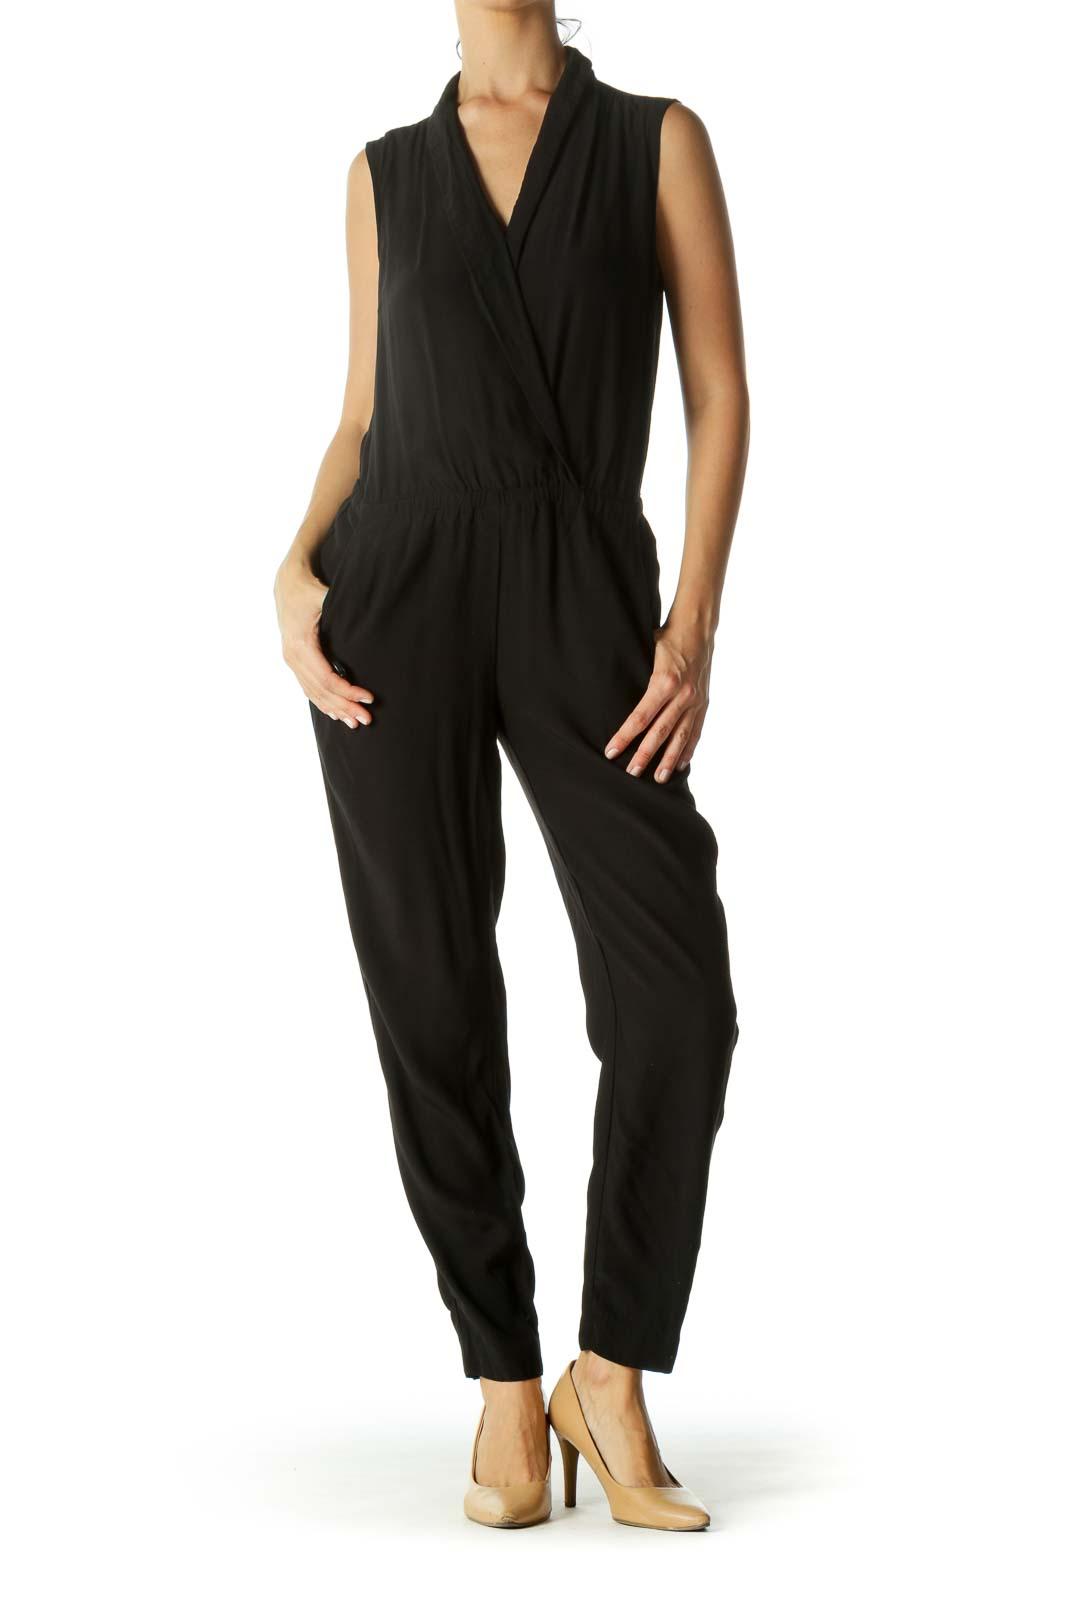 Black Surplice Elastic Waist Pocketed Jumpsuit